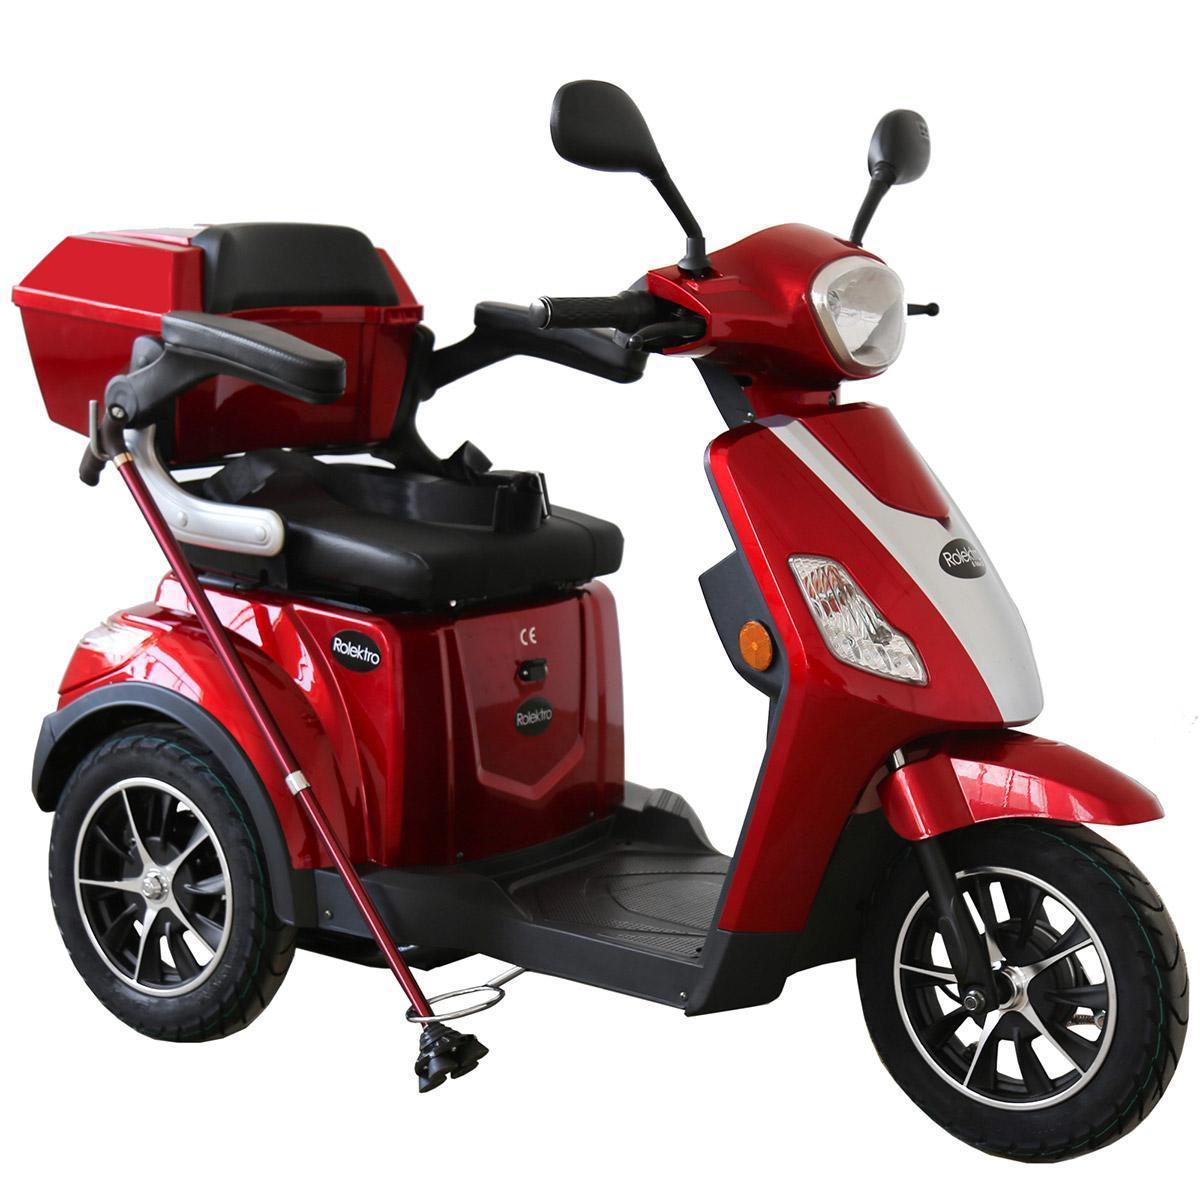 Bild 4 von Rolektro E-Trike 25 V.2, Rot, 1000 Watt